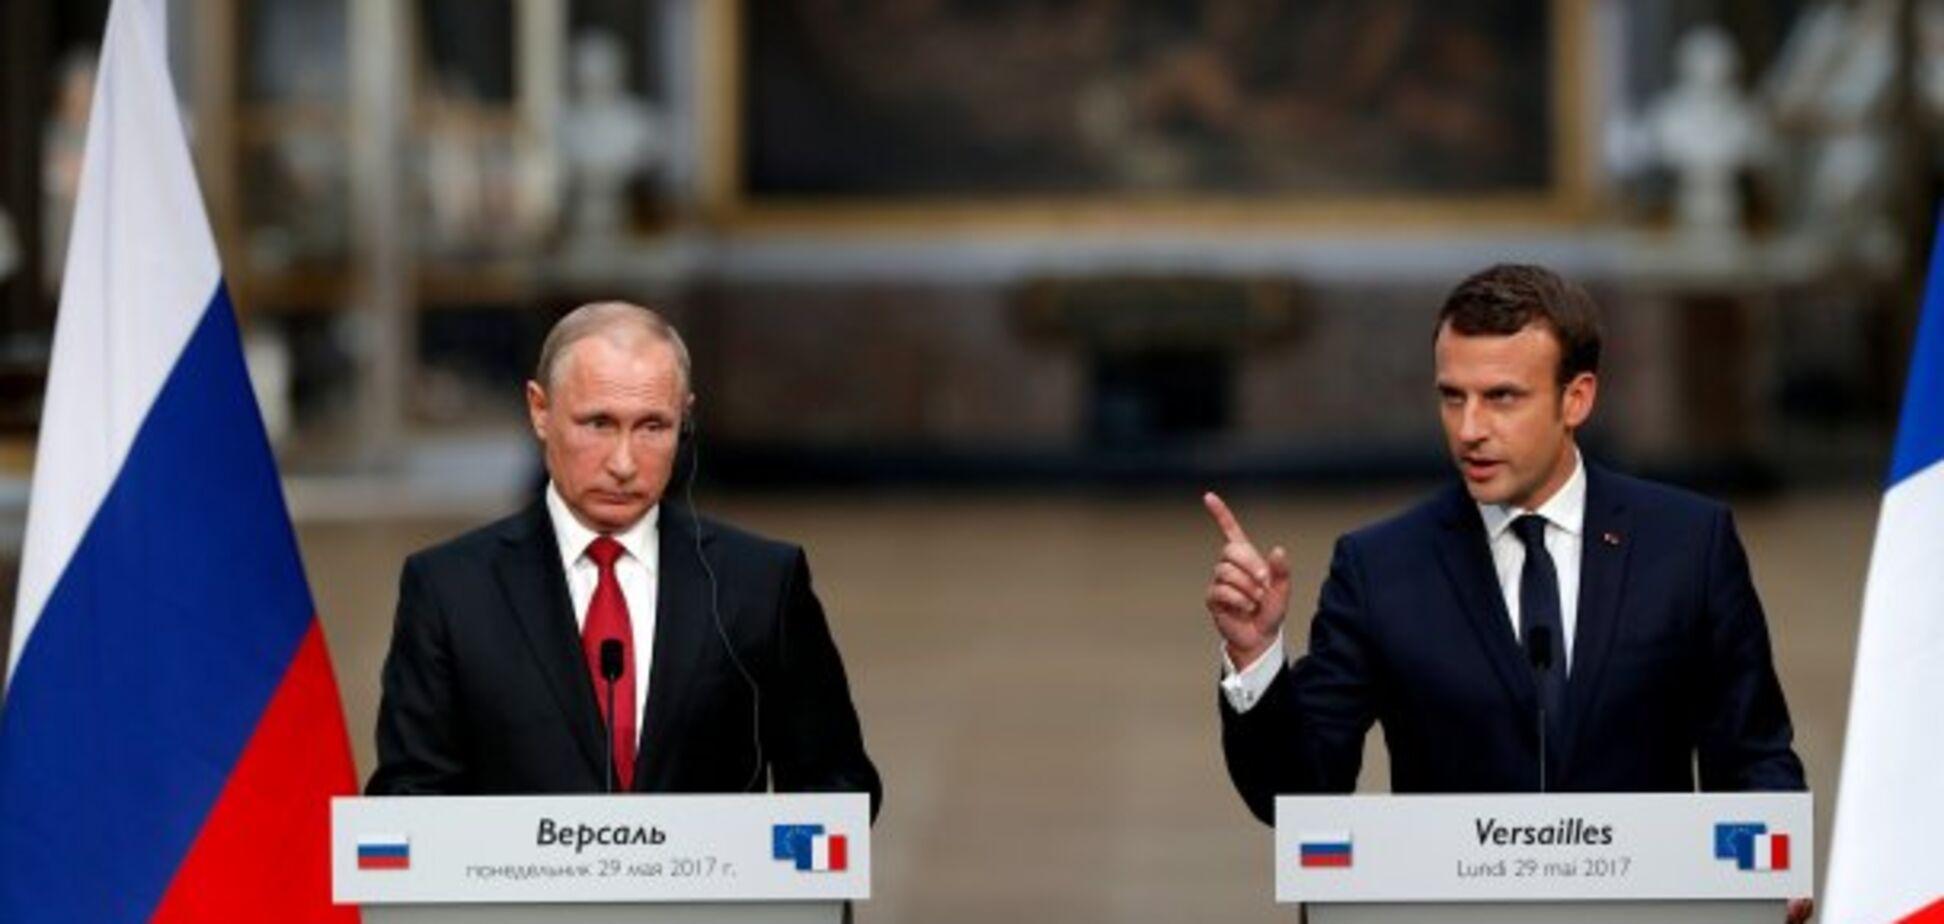 'У Макрона розв'язані руки': озвучена роль Франції в резолюції ООН по миротворцях